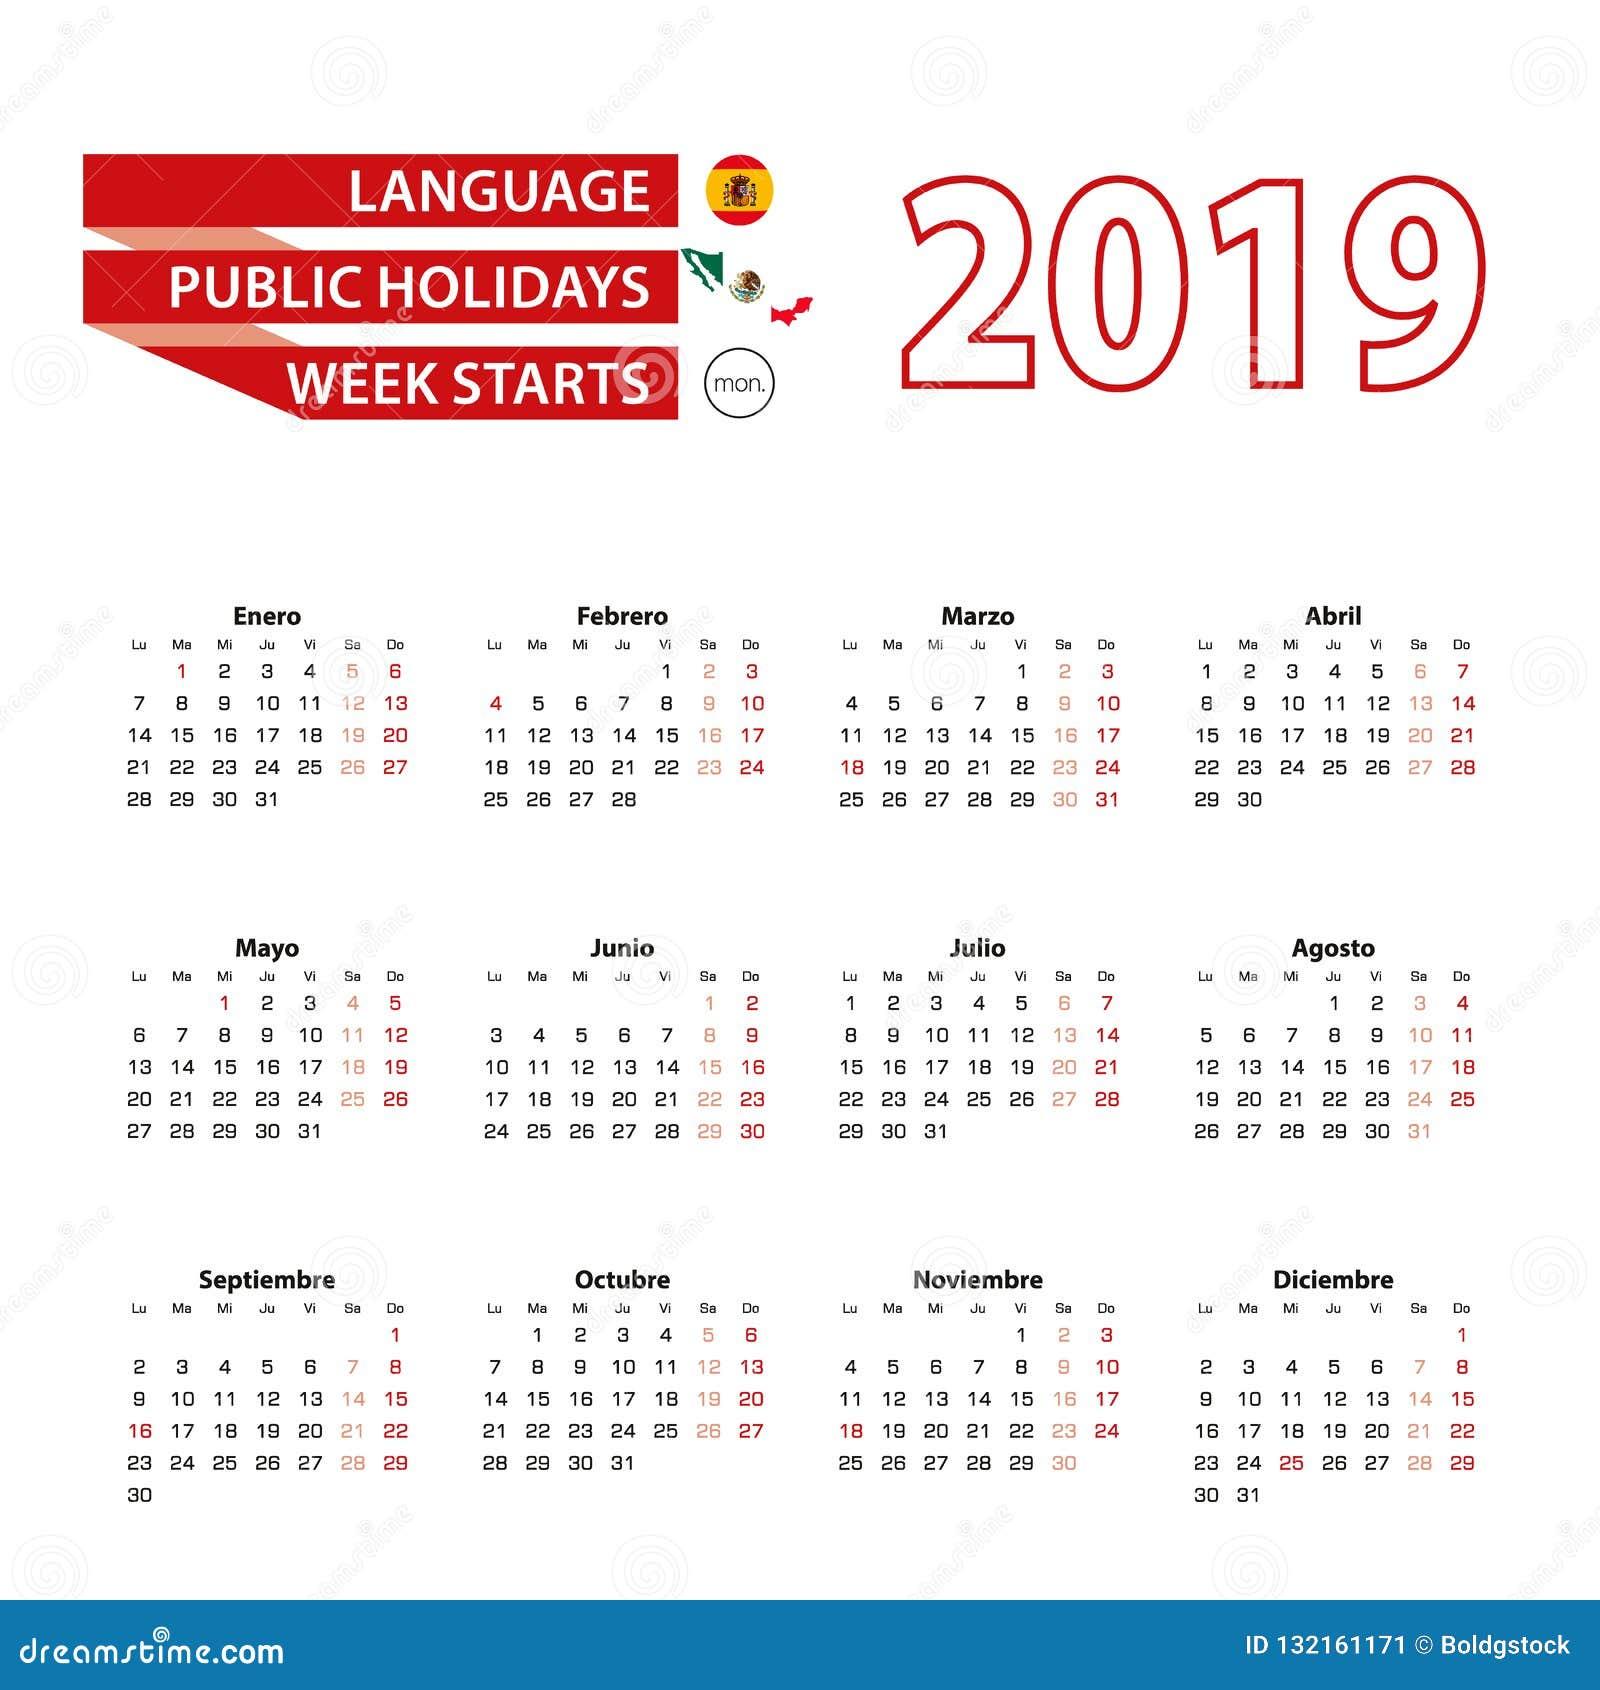 Calendrier Feries 2019.Calendrier 2019 Dans La Langue Espagnole Avec Des Jours